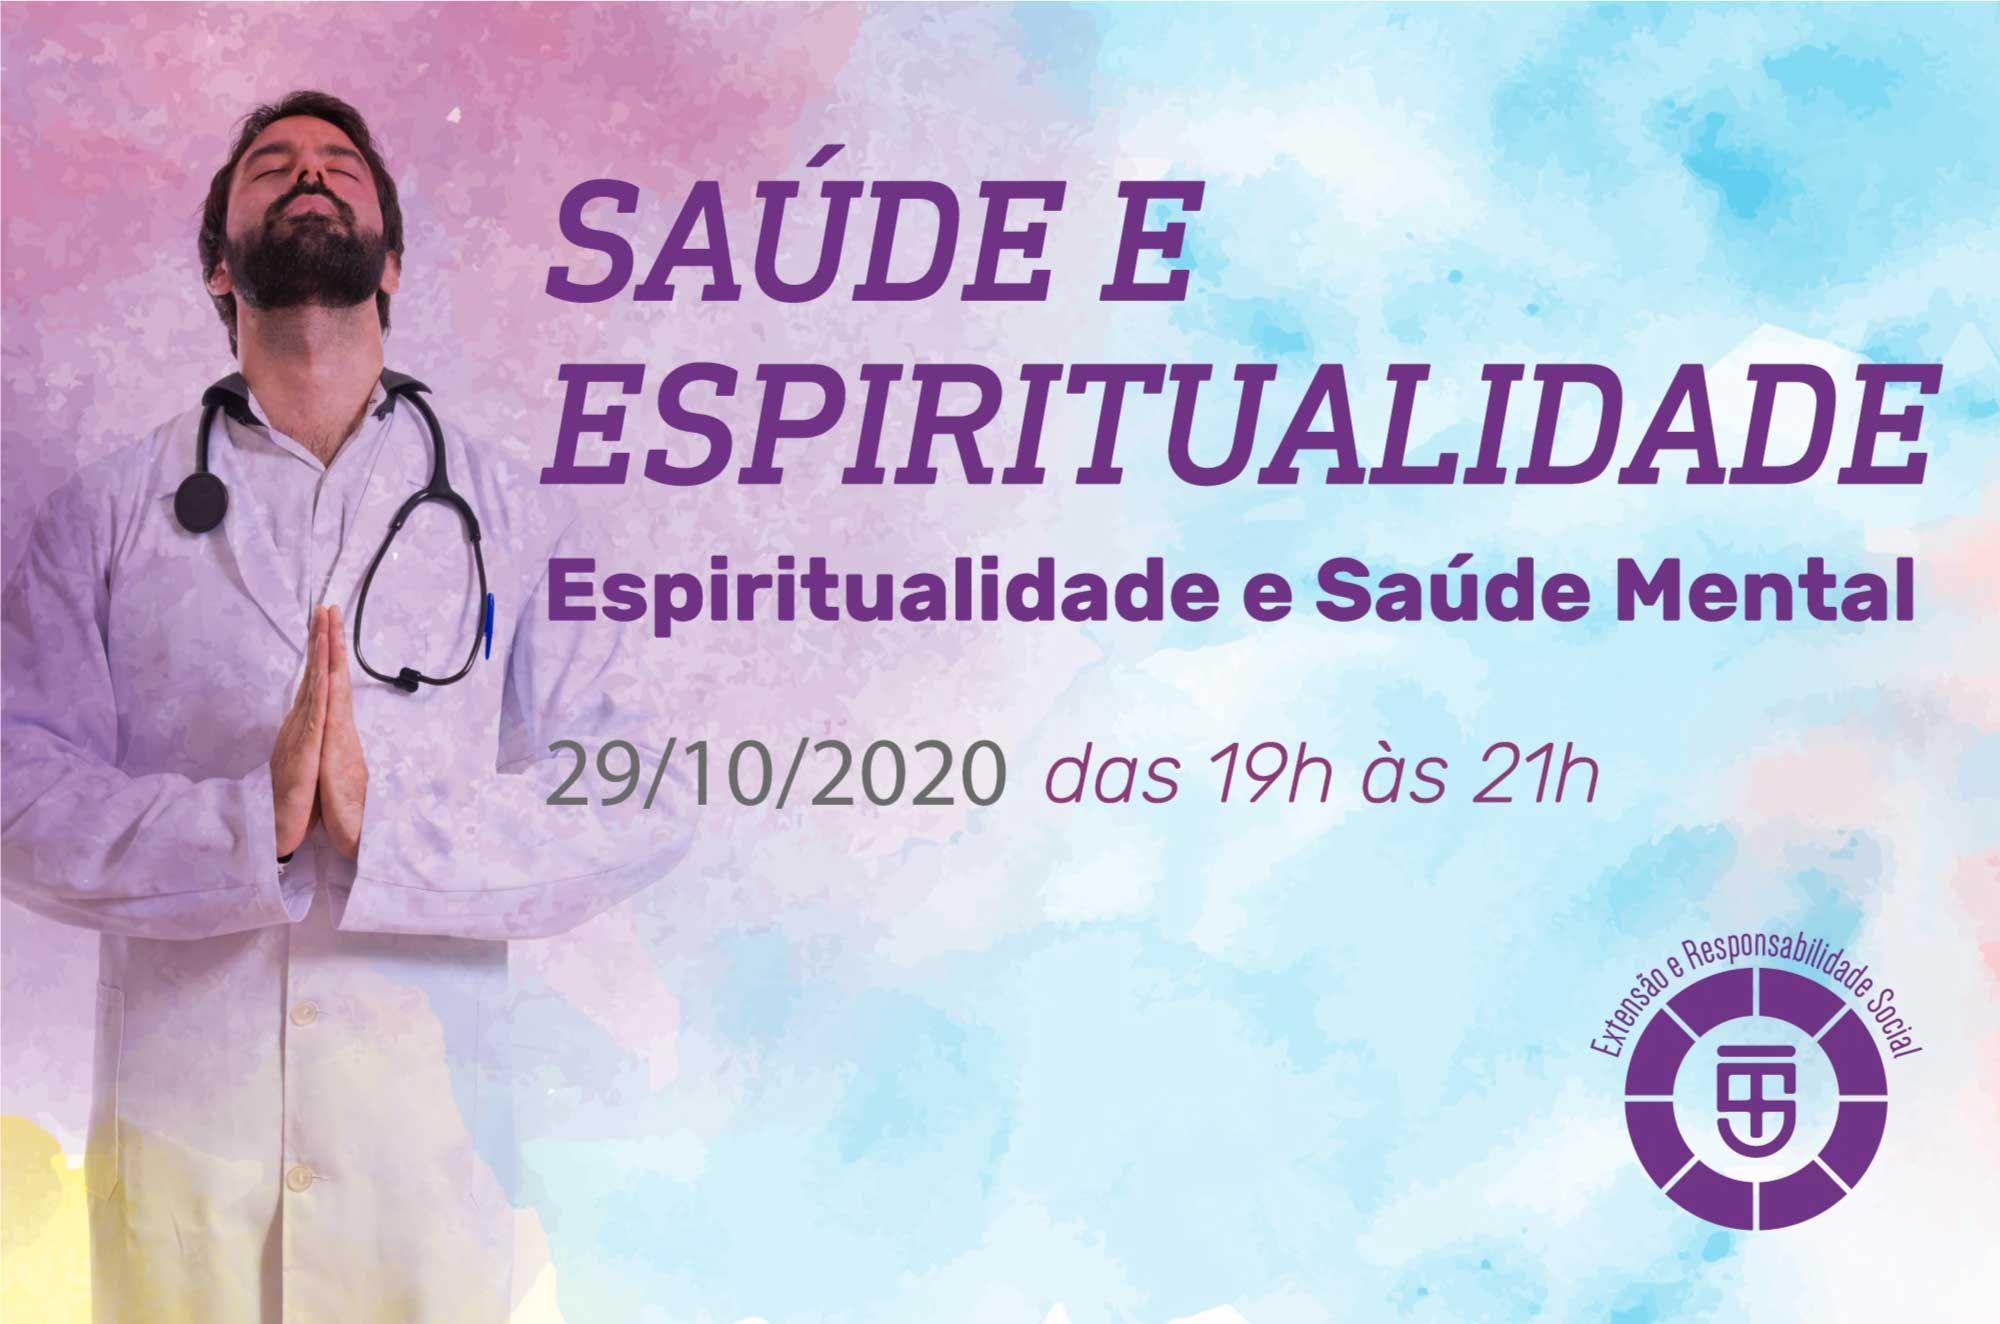 Saúde e espiritualidade - Espiritualidade e Saúde Mental